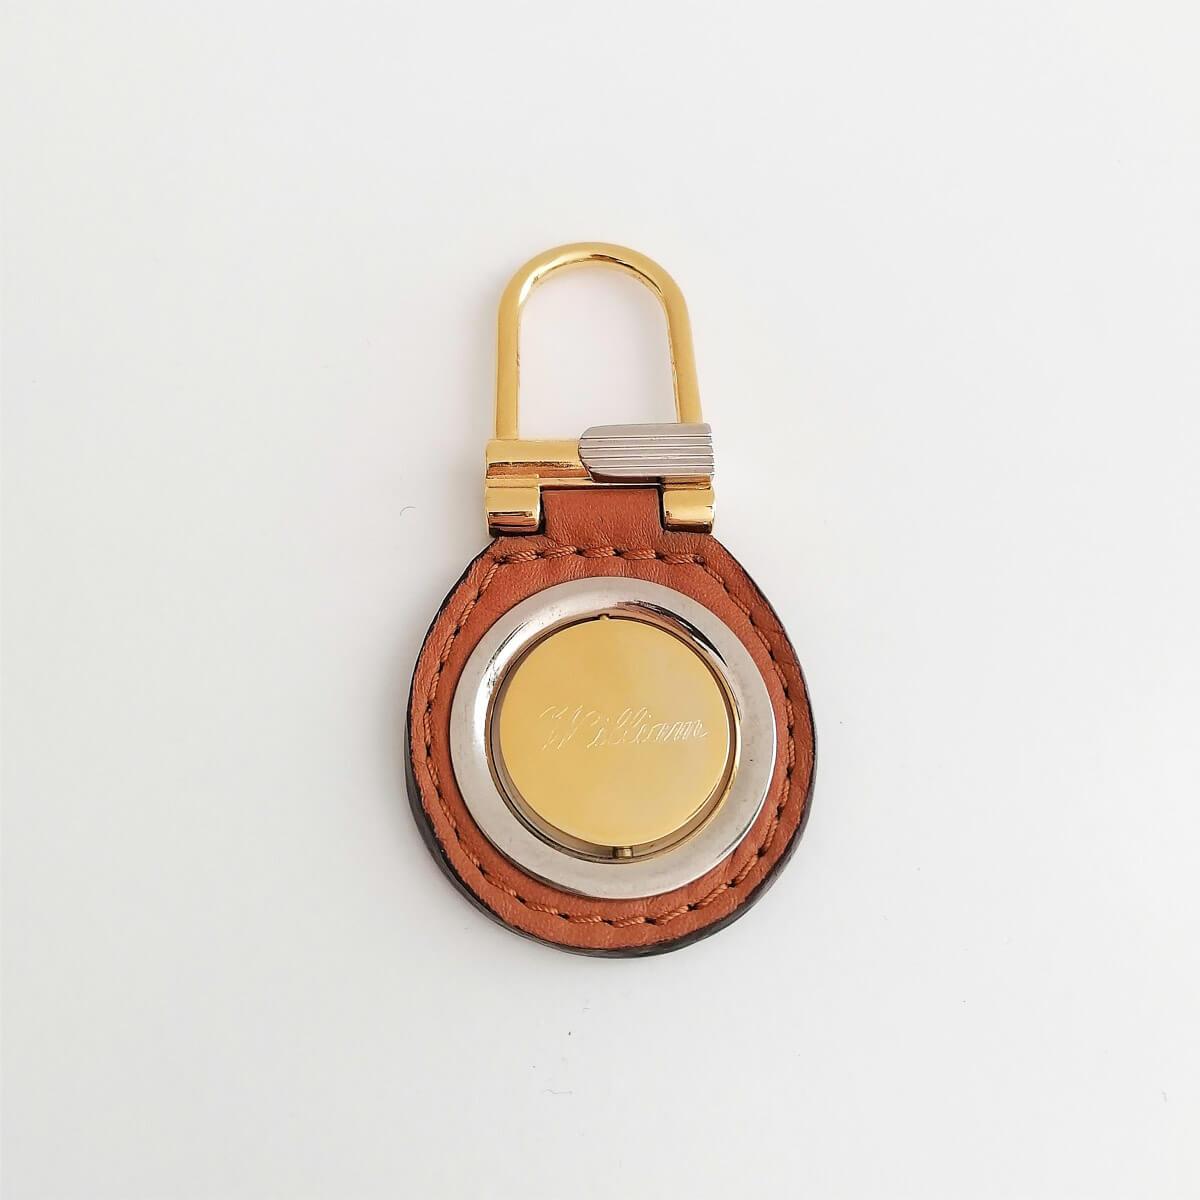 Goud geplatineerde luxe sleutelhanger met naam en/of datum